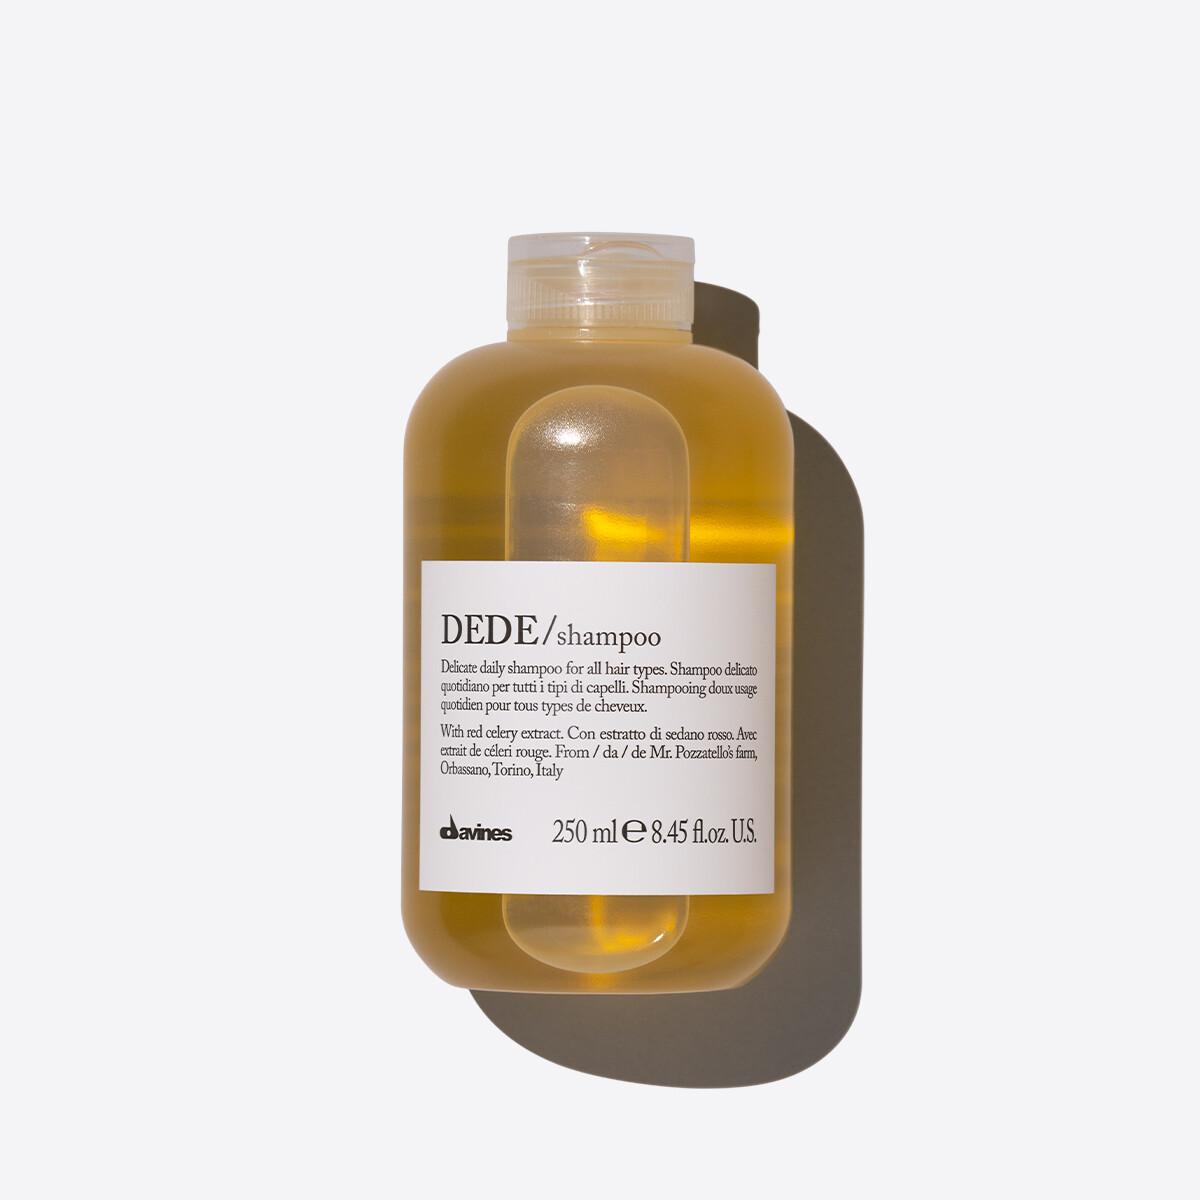 Davines DEDE Shampoo 250 ml | Limpieza Delicada